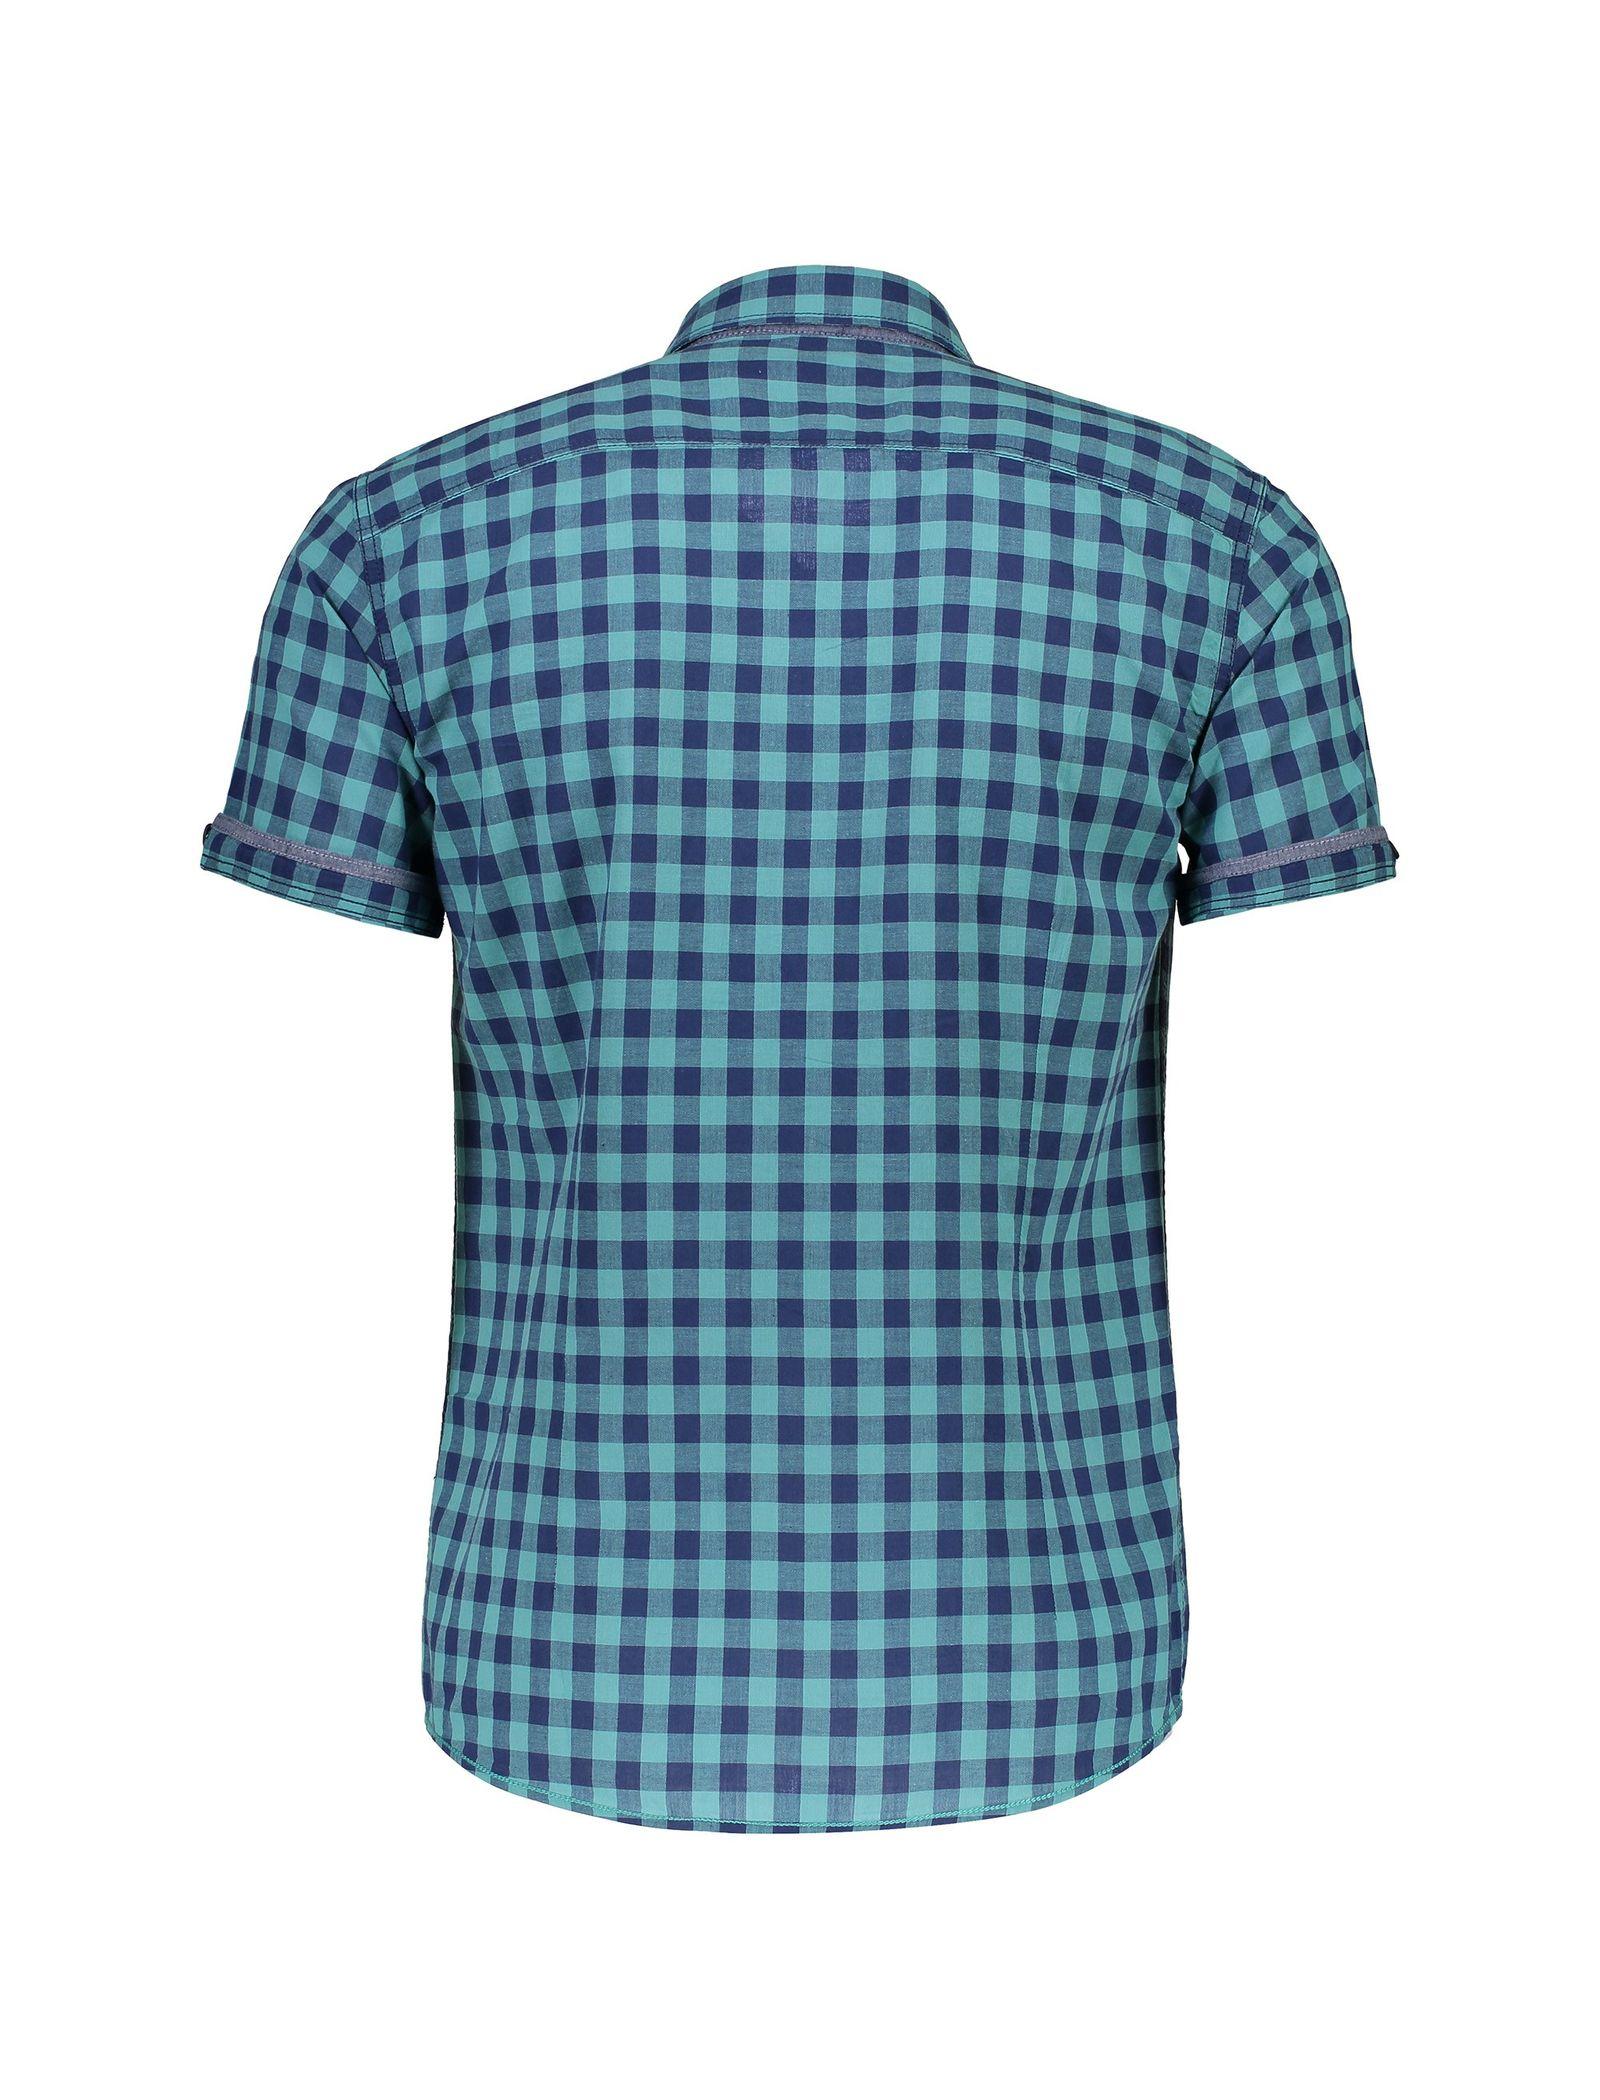 پیراهن نخی آستین کوتاه مردانه - ال سی وایکیکی - سبز آبي - 2